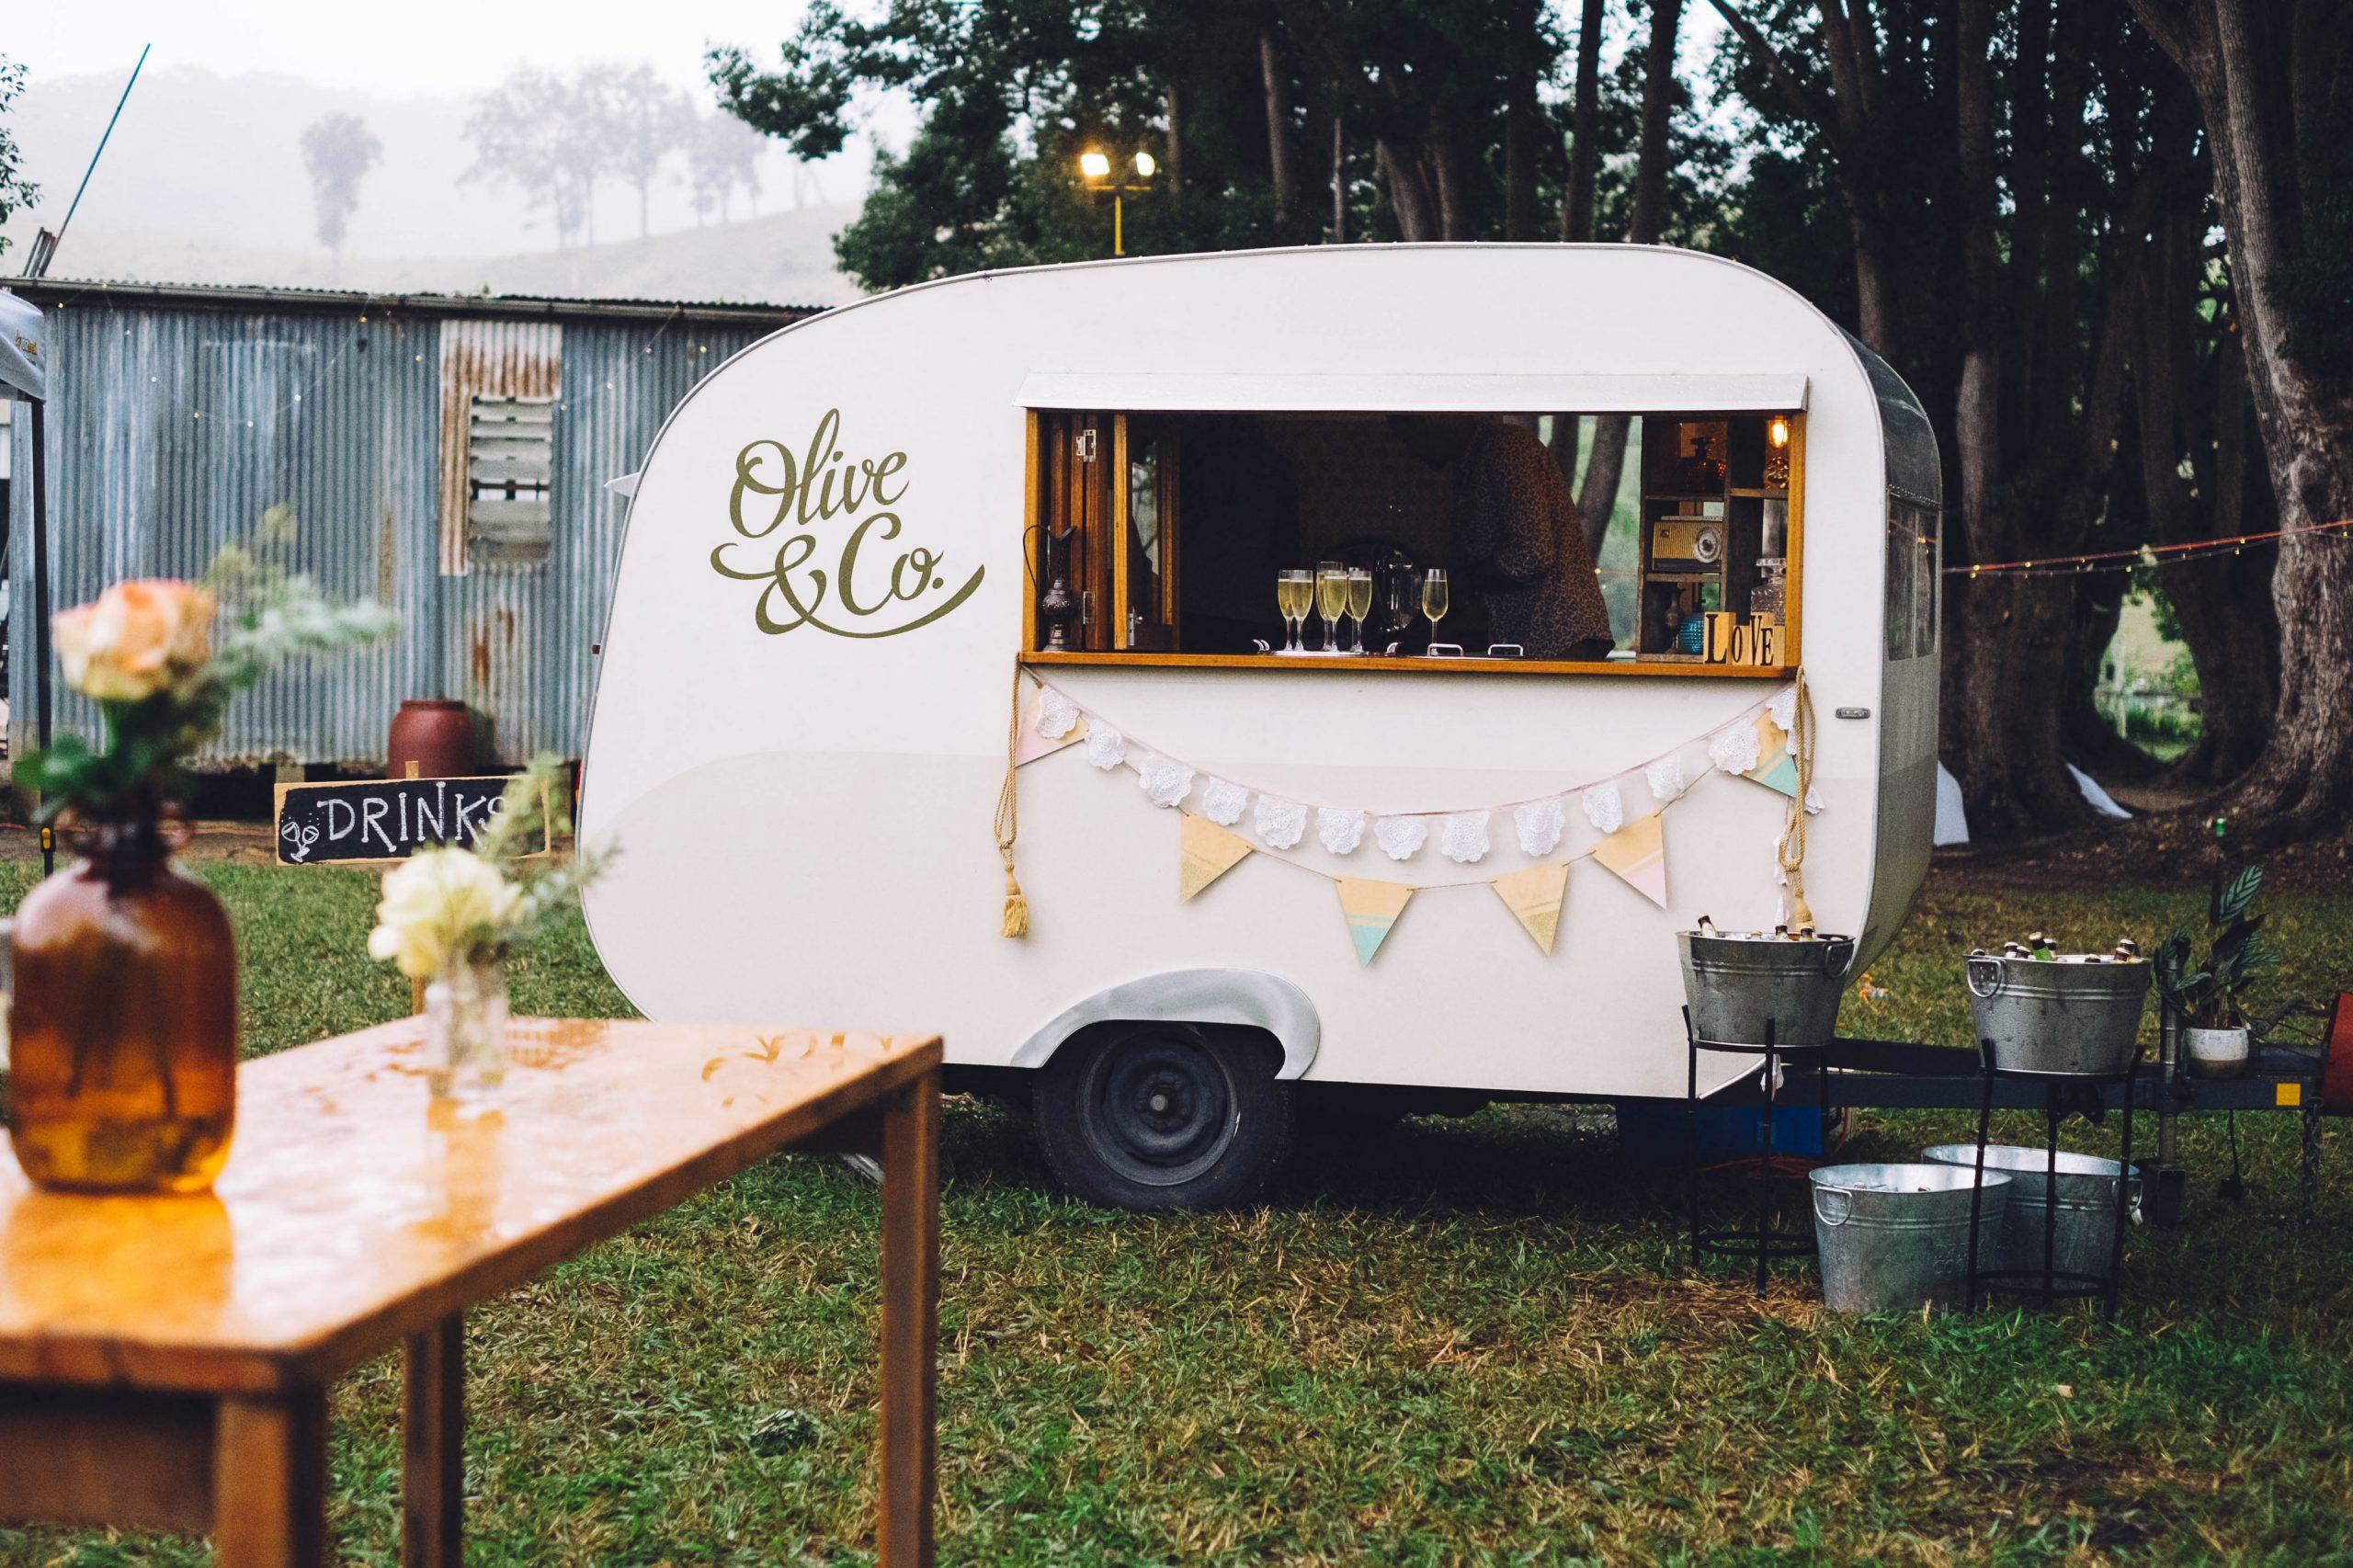 gold coast wedding, tipi wedding, tipi hire, large marquee hire, gold coast, events, gold coast wedding, Olive & Co